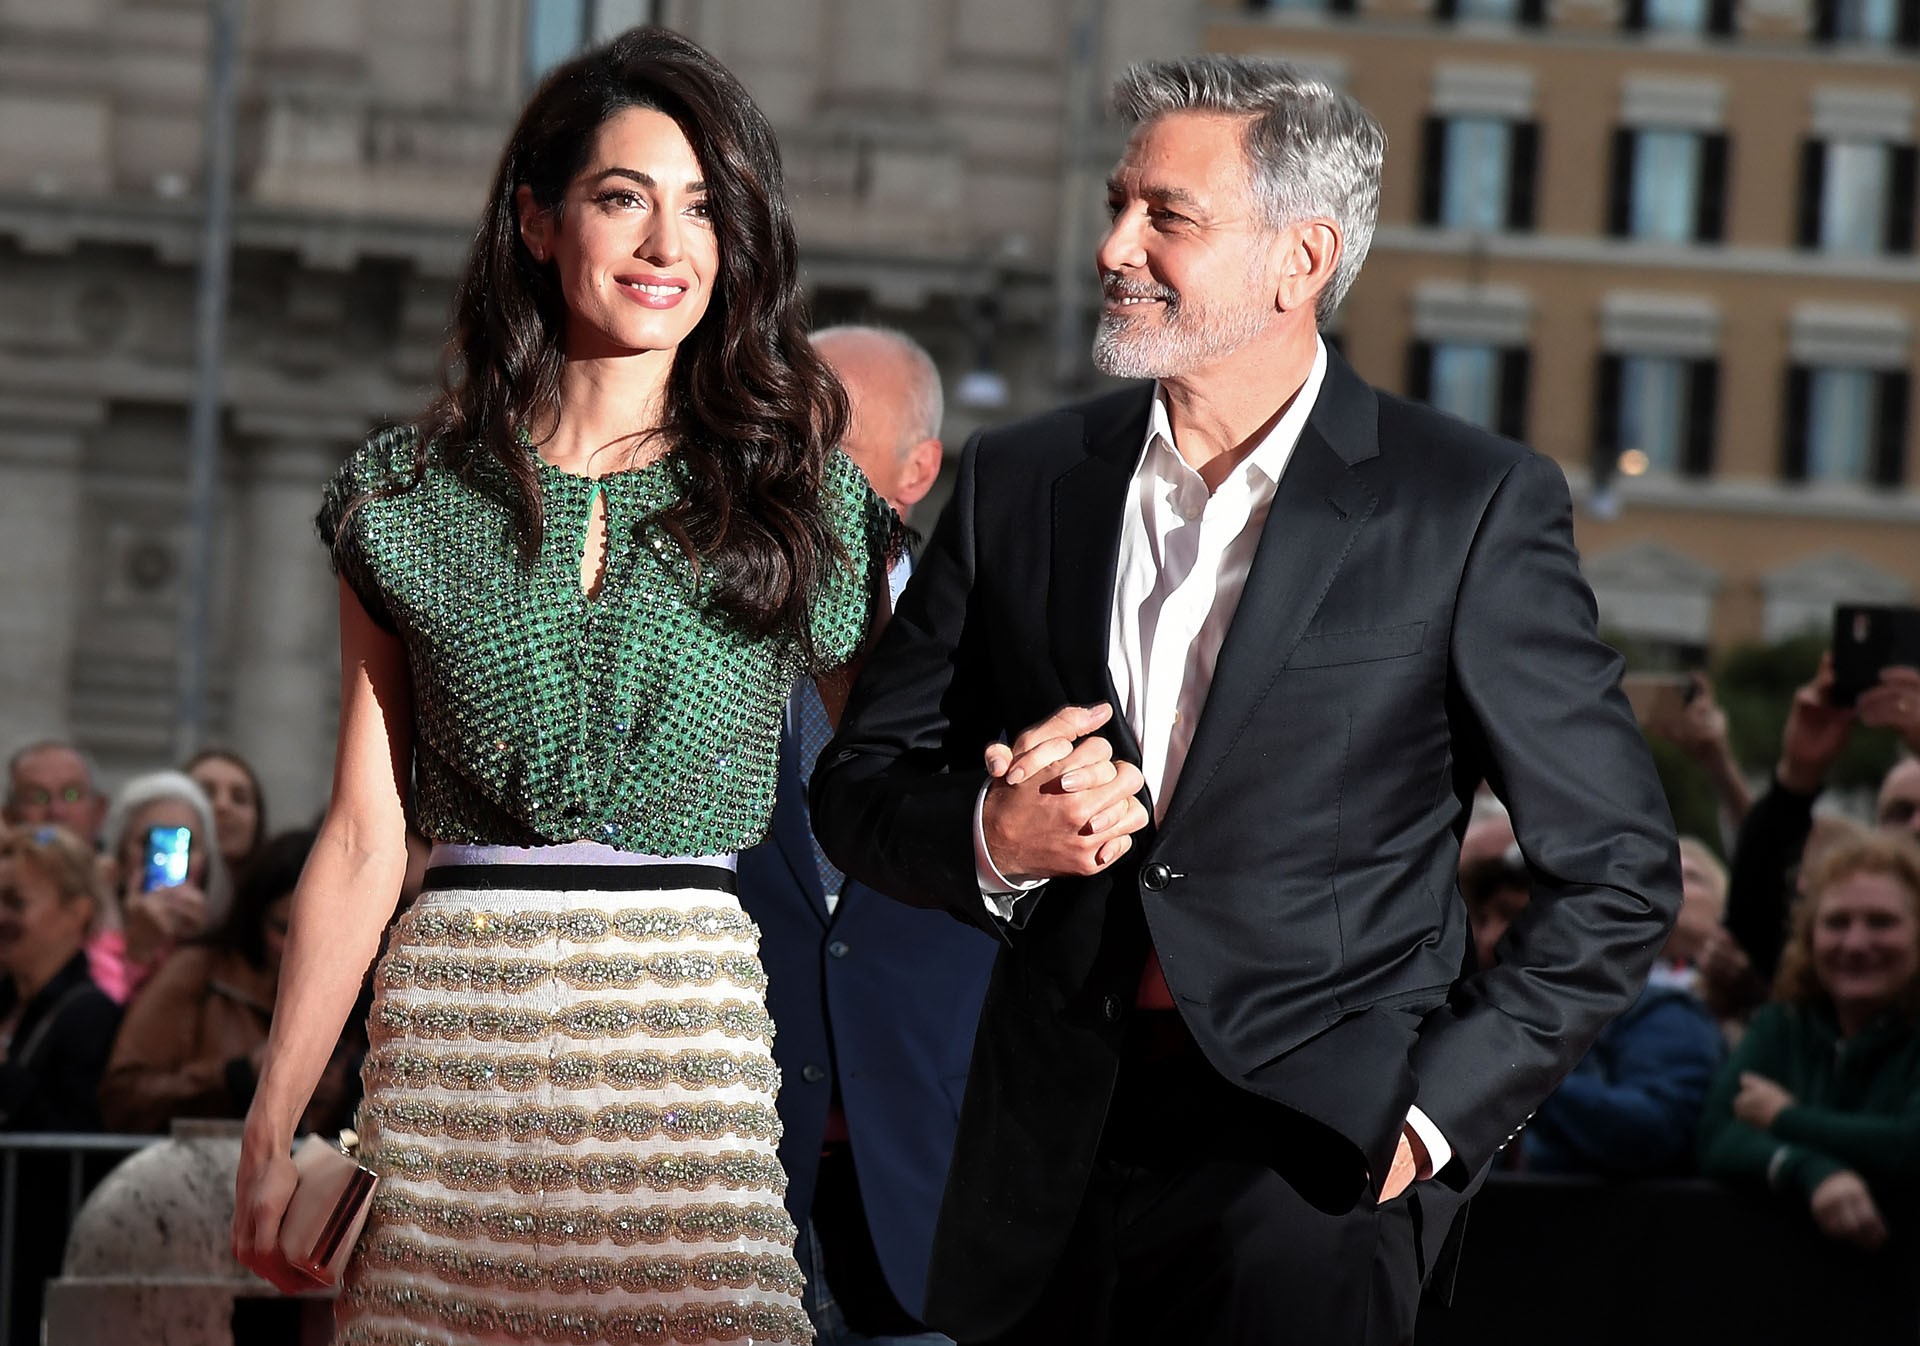 En 2014, la pareja se casó en una fabulosa boda organizada en Venecia